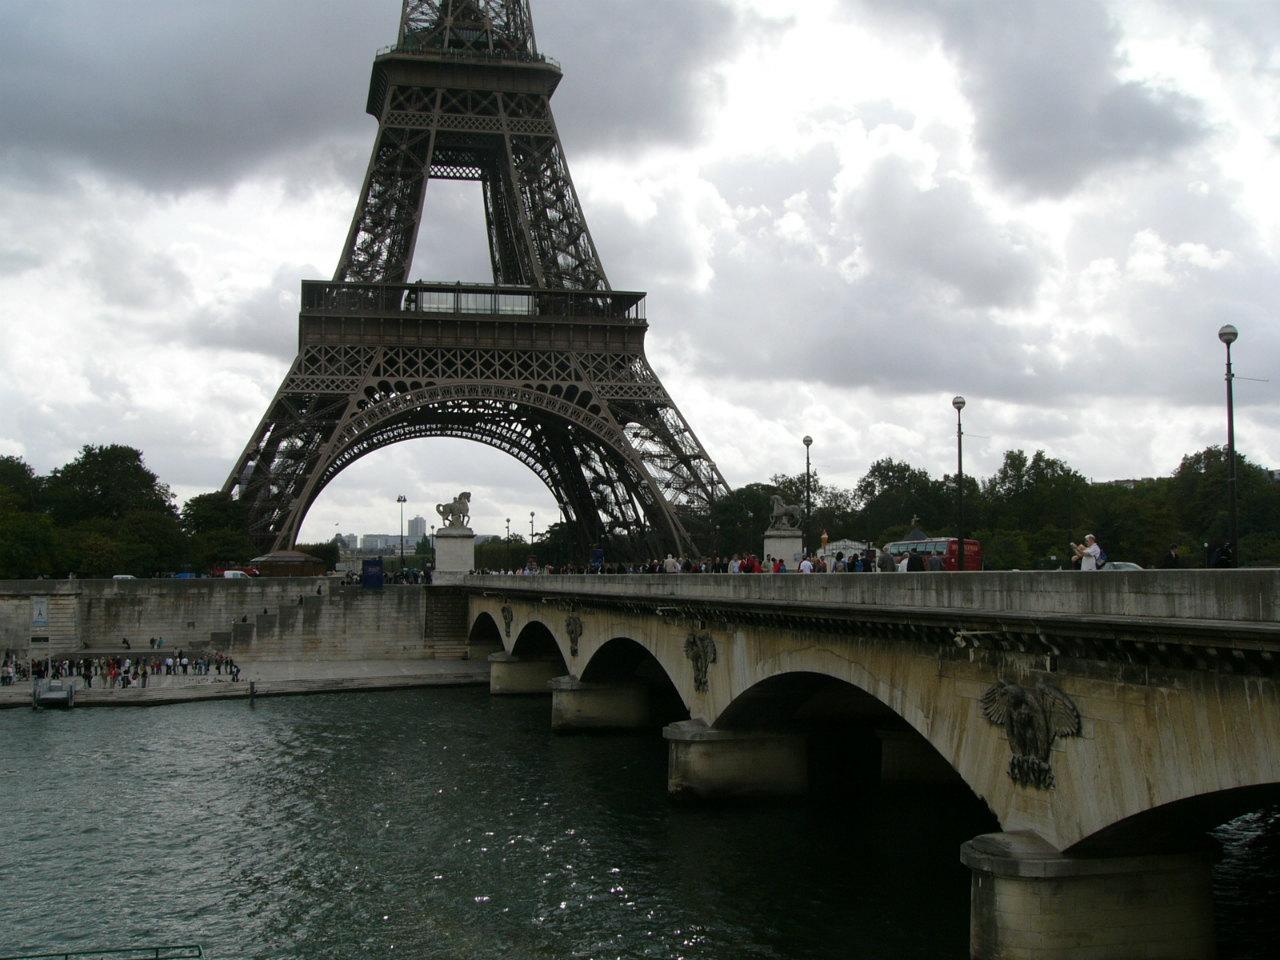 フランスの壁紙写真 エッフェル塔